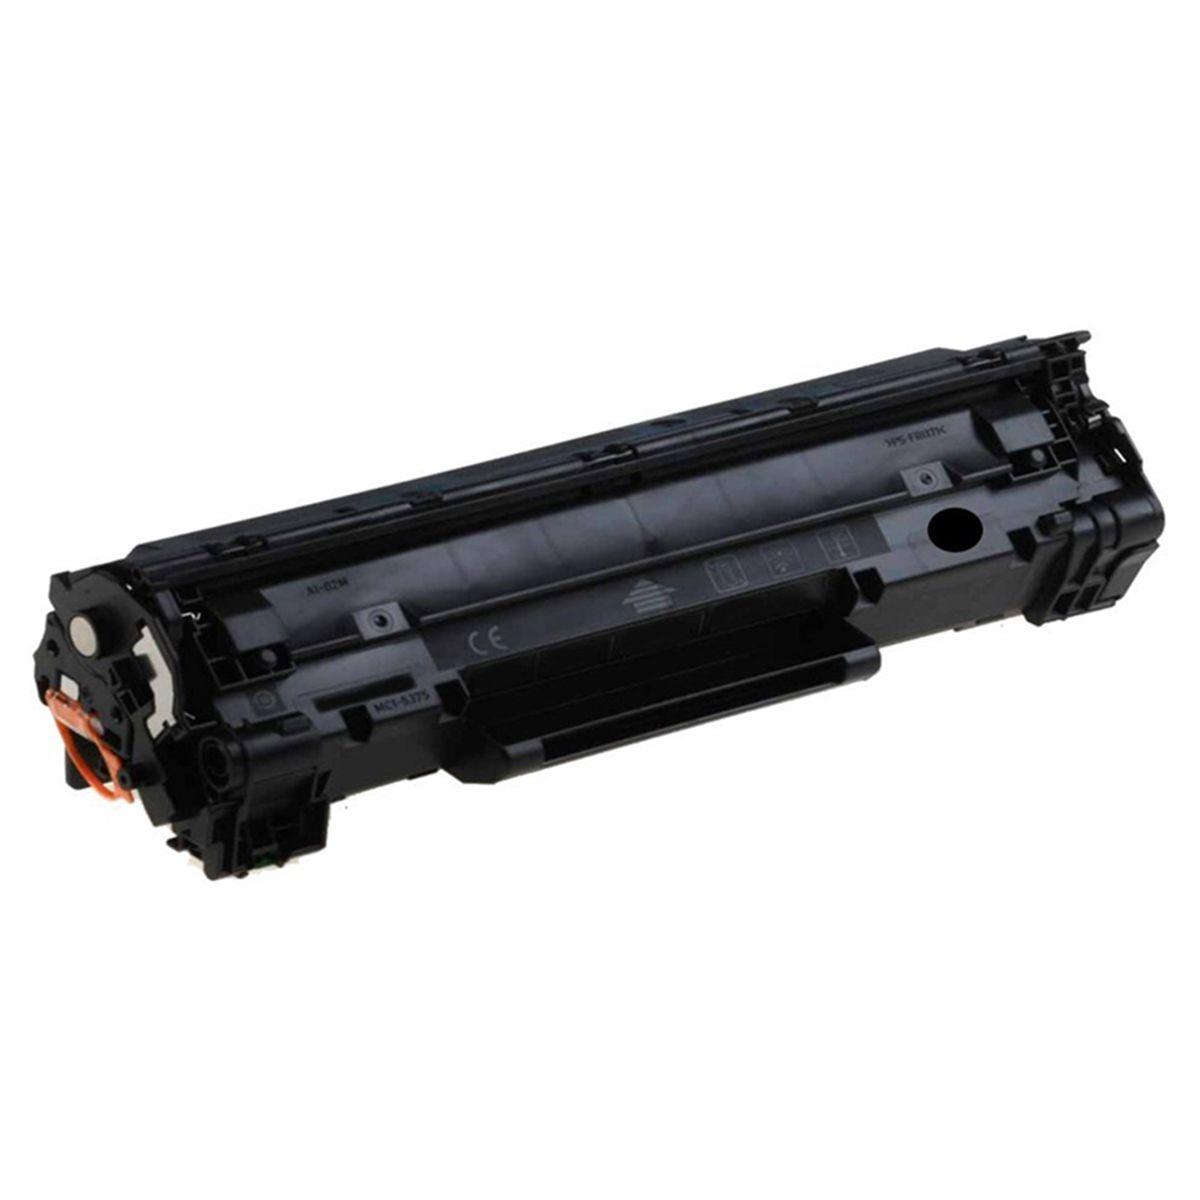 Toner EV Cf400x Preto Compatível com M252dw M277dw M252 M277 da HP